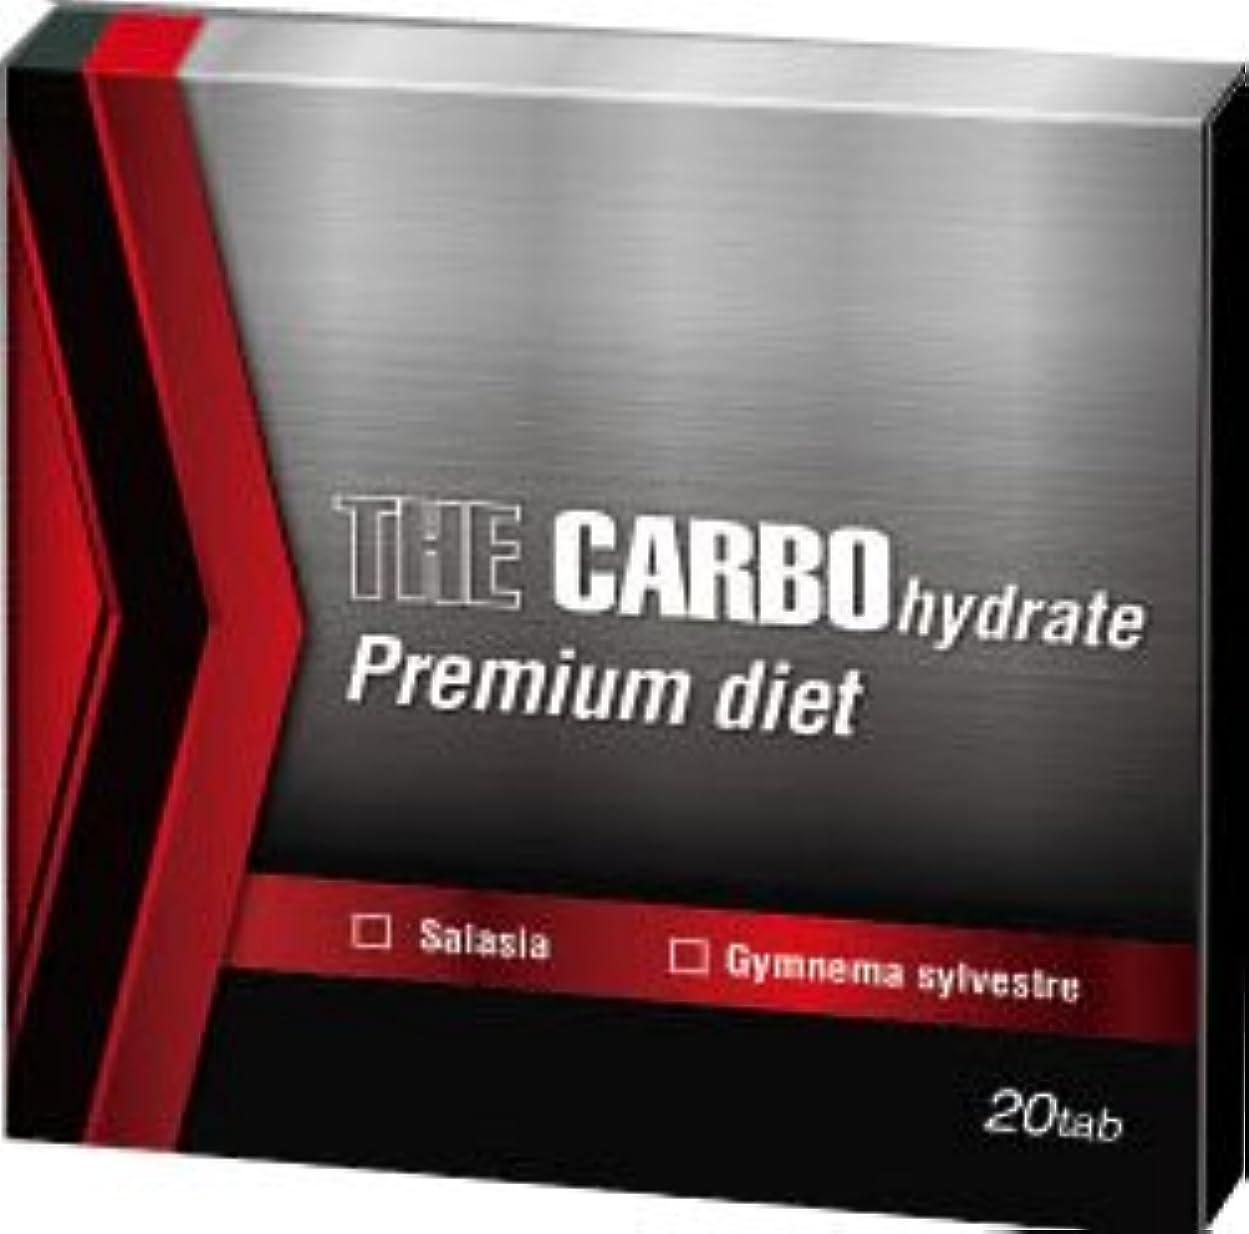 是正するオートマトン配るザ?糖質プレミアムダイエット20Tab〔THE CARBO hydrate Premium daiet〕